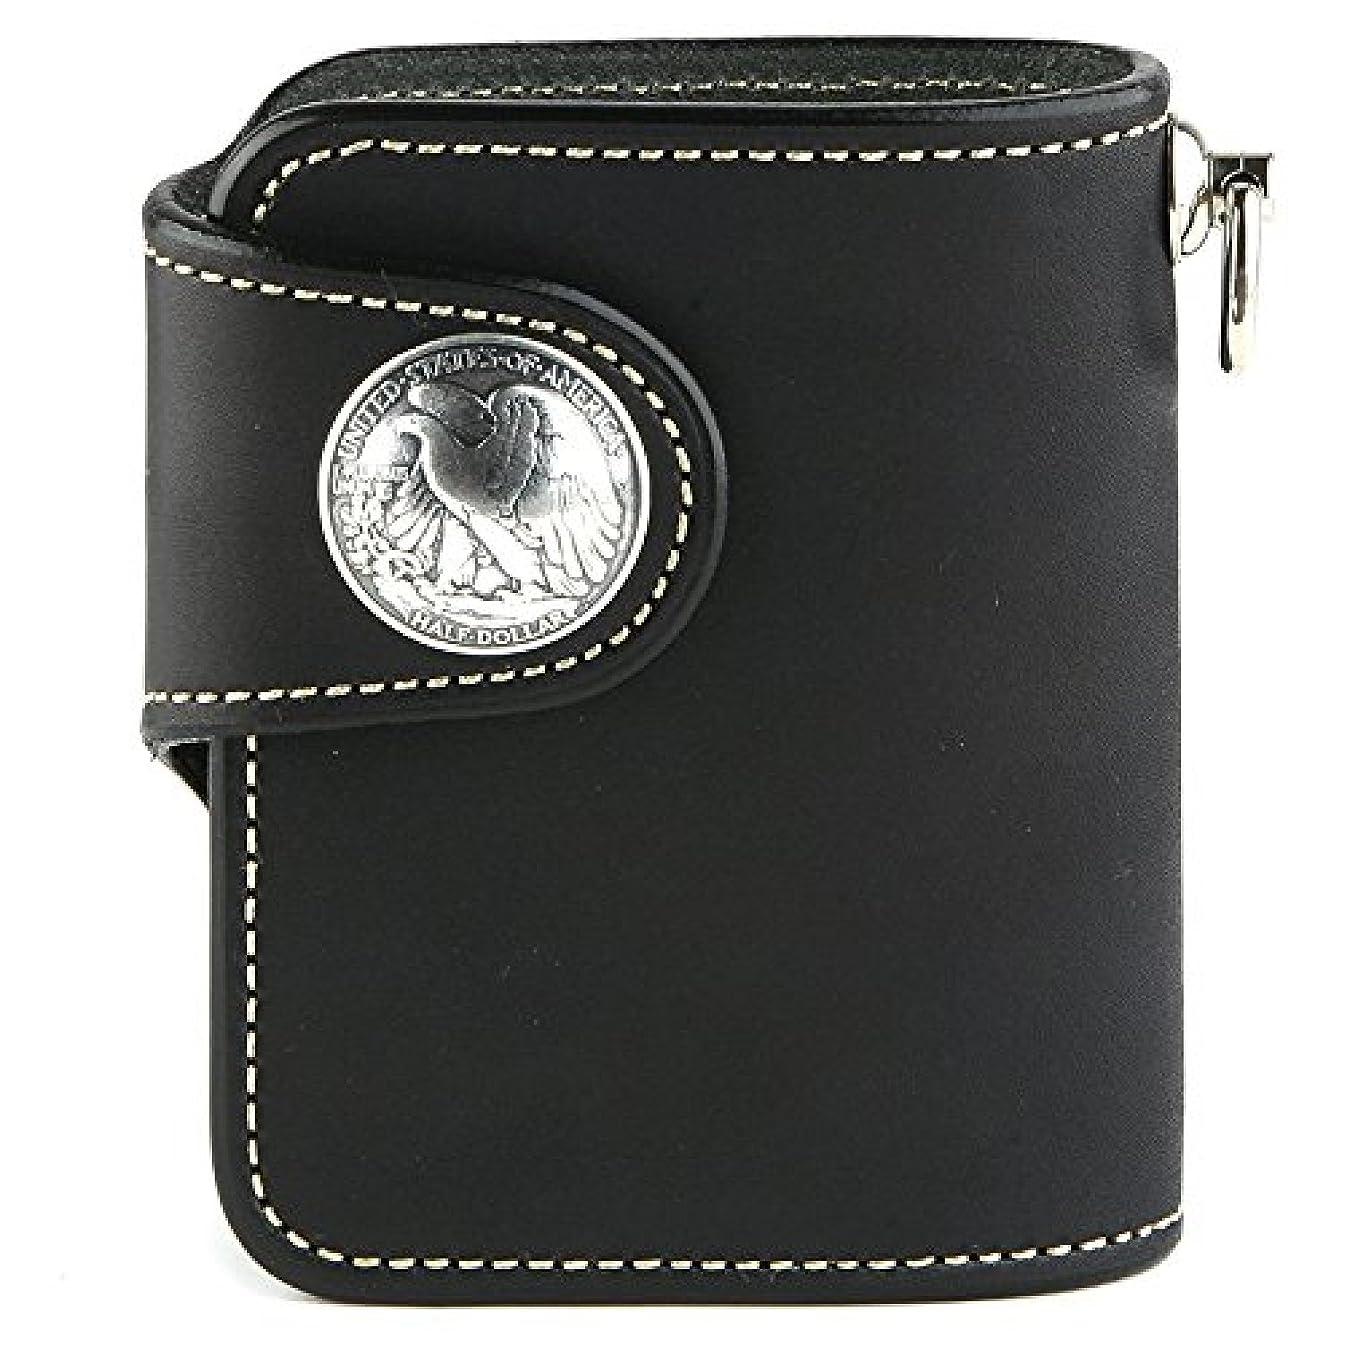 見積り代表団寛解KC,s ビルフォード ハリス カウハイド 二つ折り財布 (ブラック)